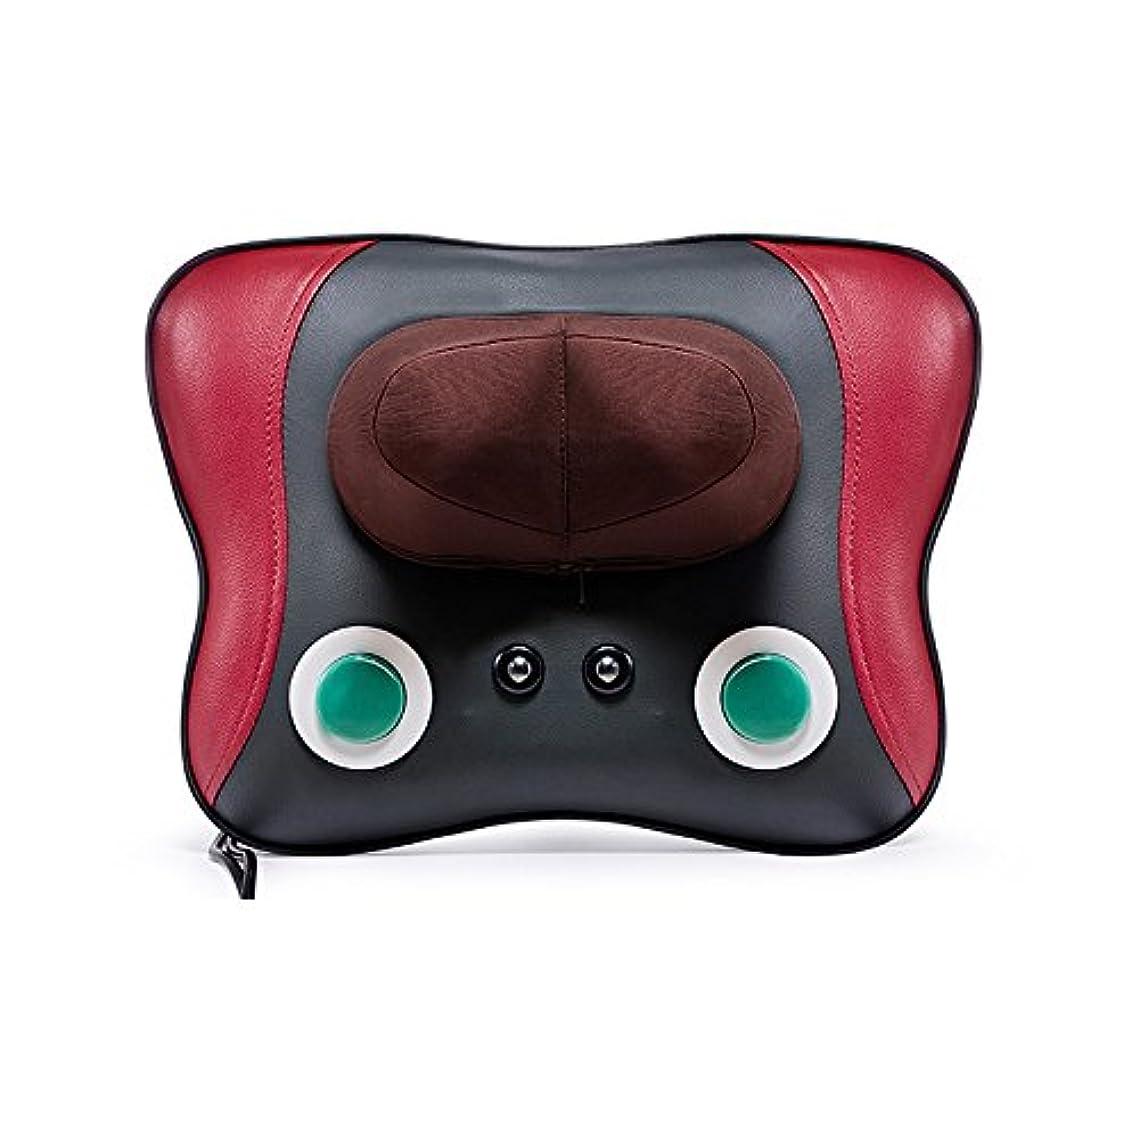 社員幸運レモンHAIZHEN マッサージチェア フルボディマッサージ器電動式指圧混じり指圧リウマチ痛緩和足の痛み緩和 (色 : C)